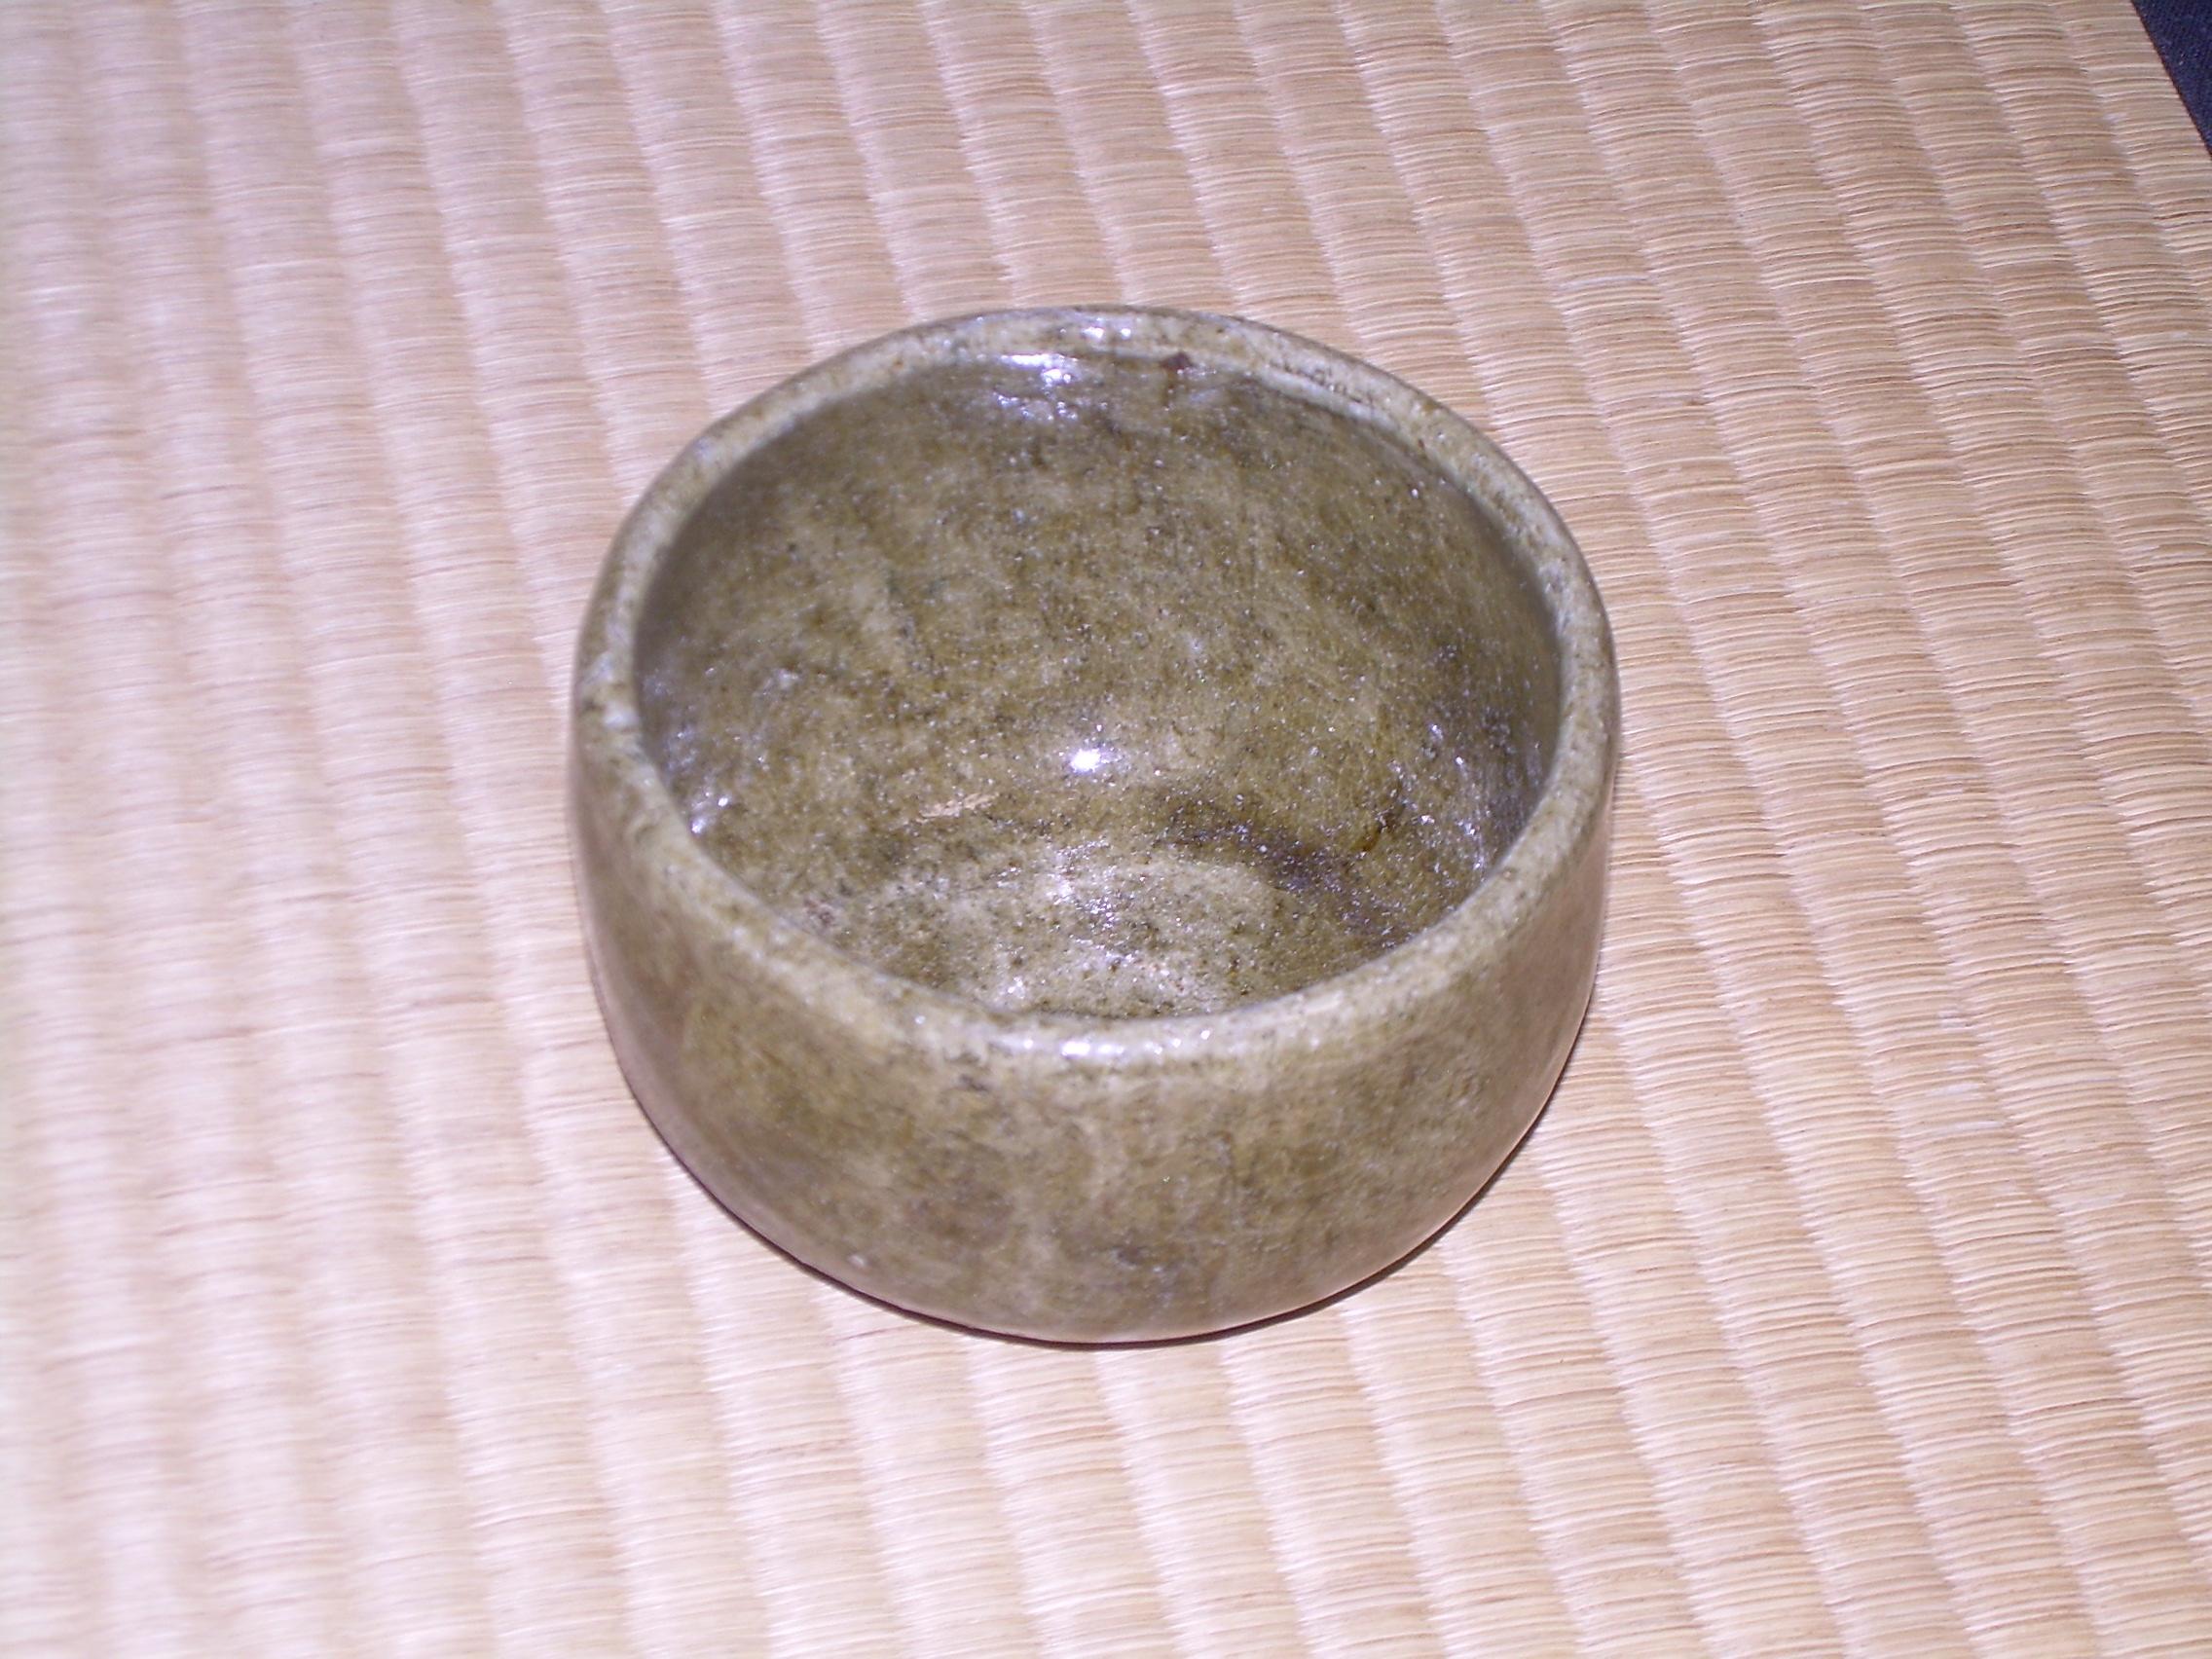 横井さんの茶器、南方庵で